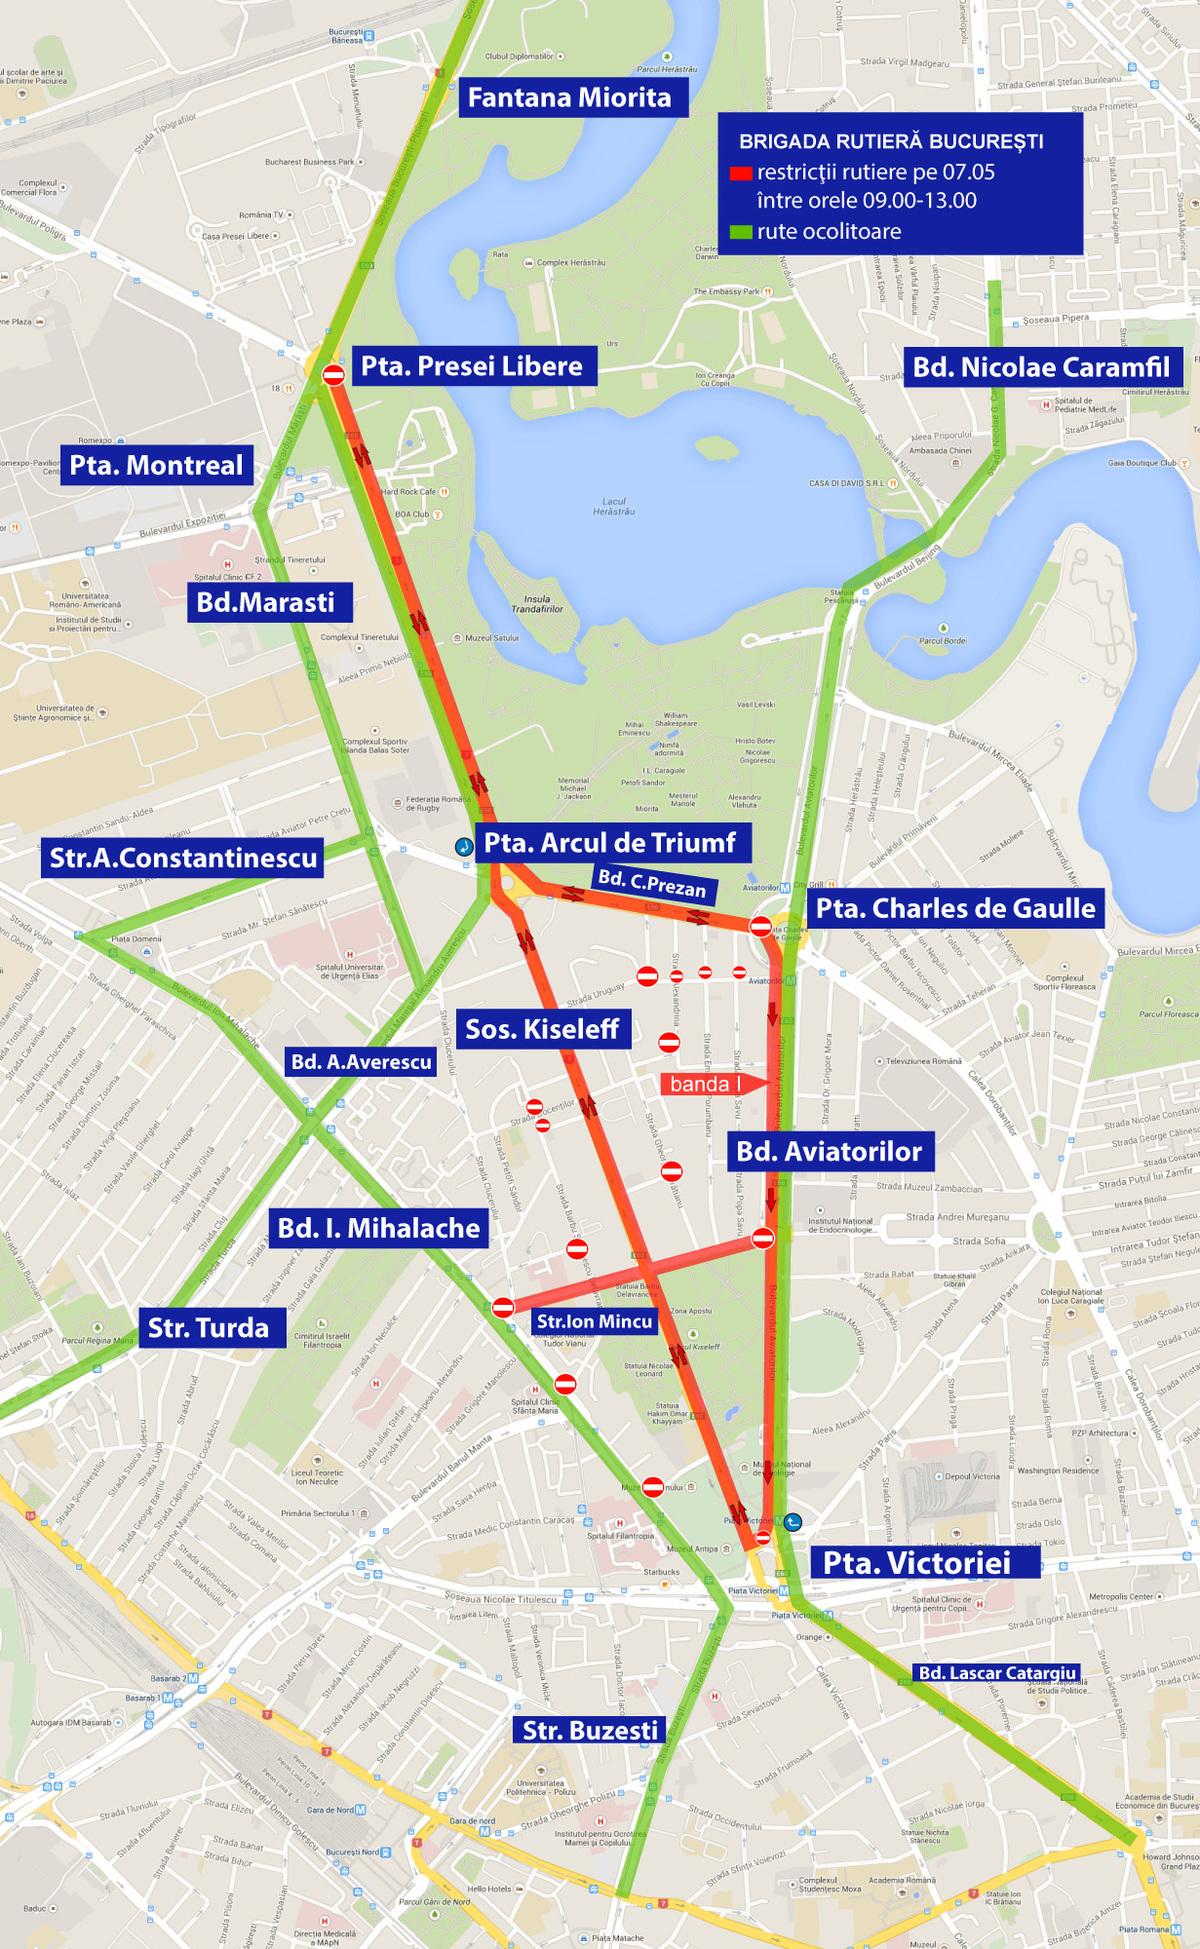 Restricţii De Circulaţie In Capitală Pentru News Ro